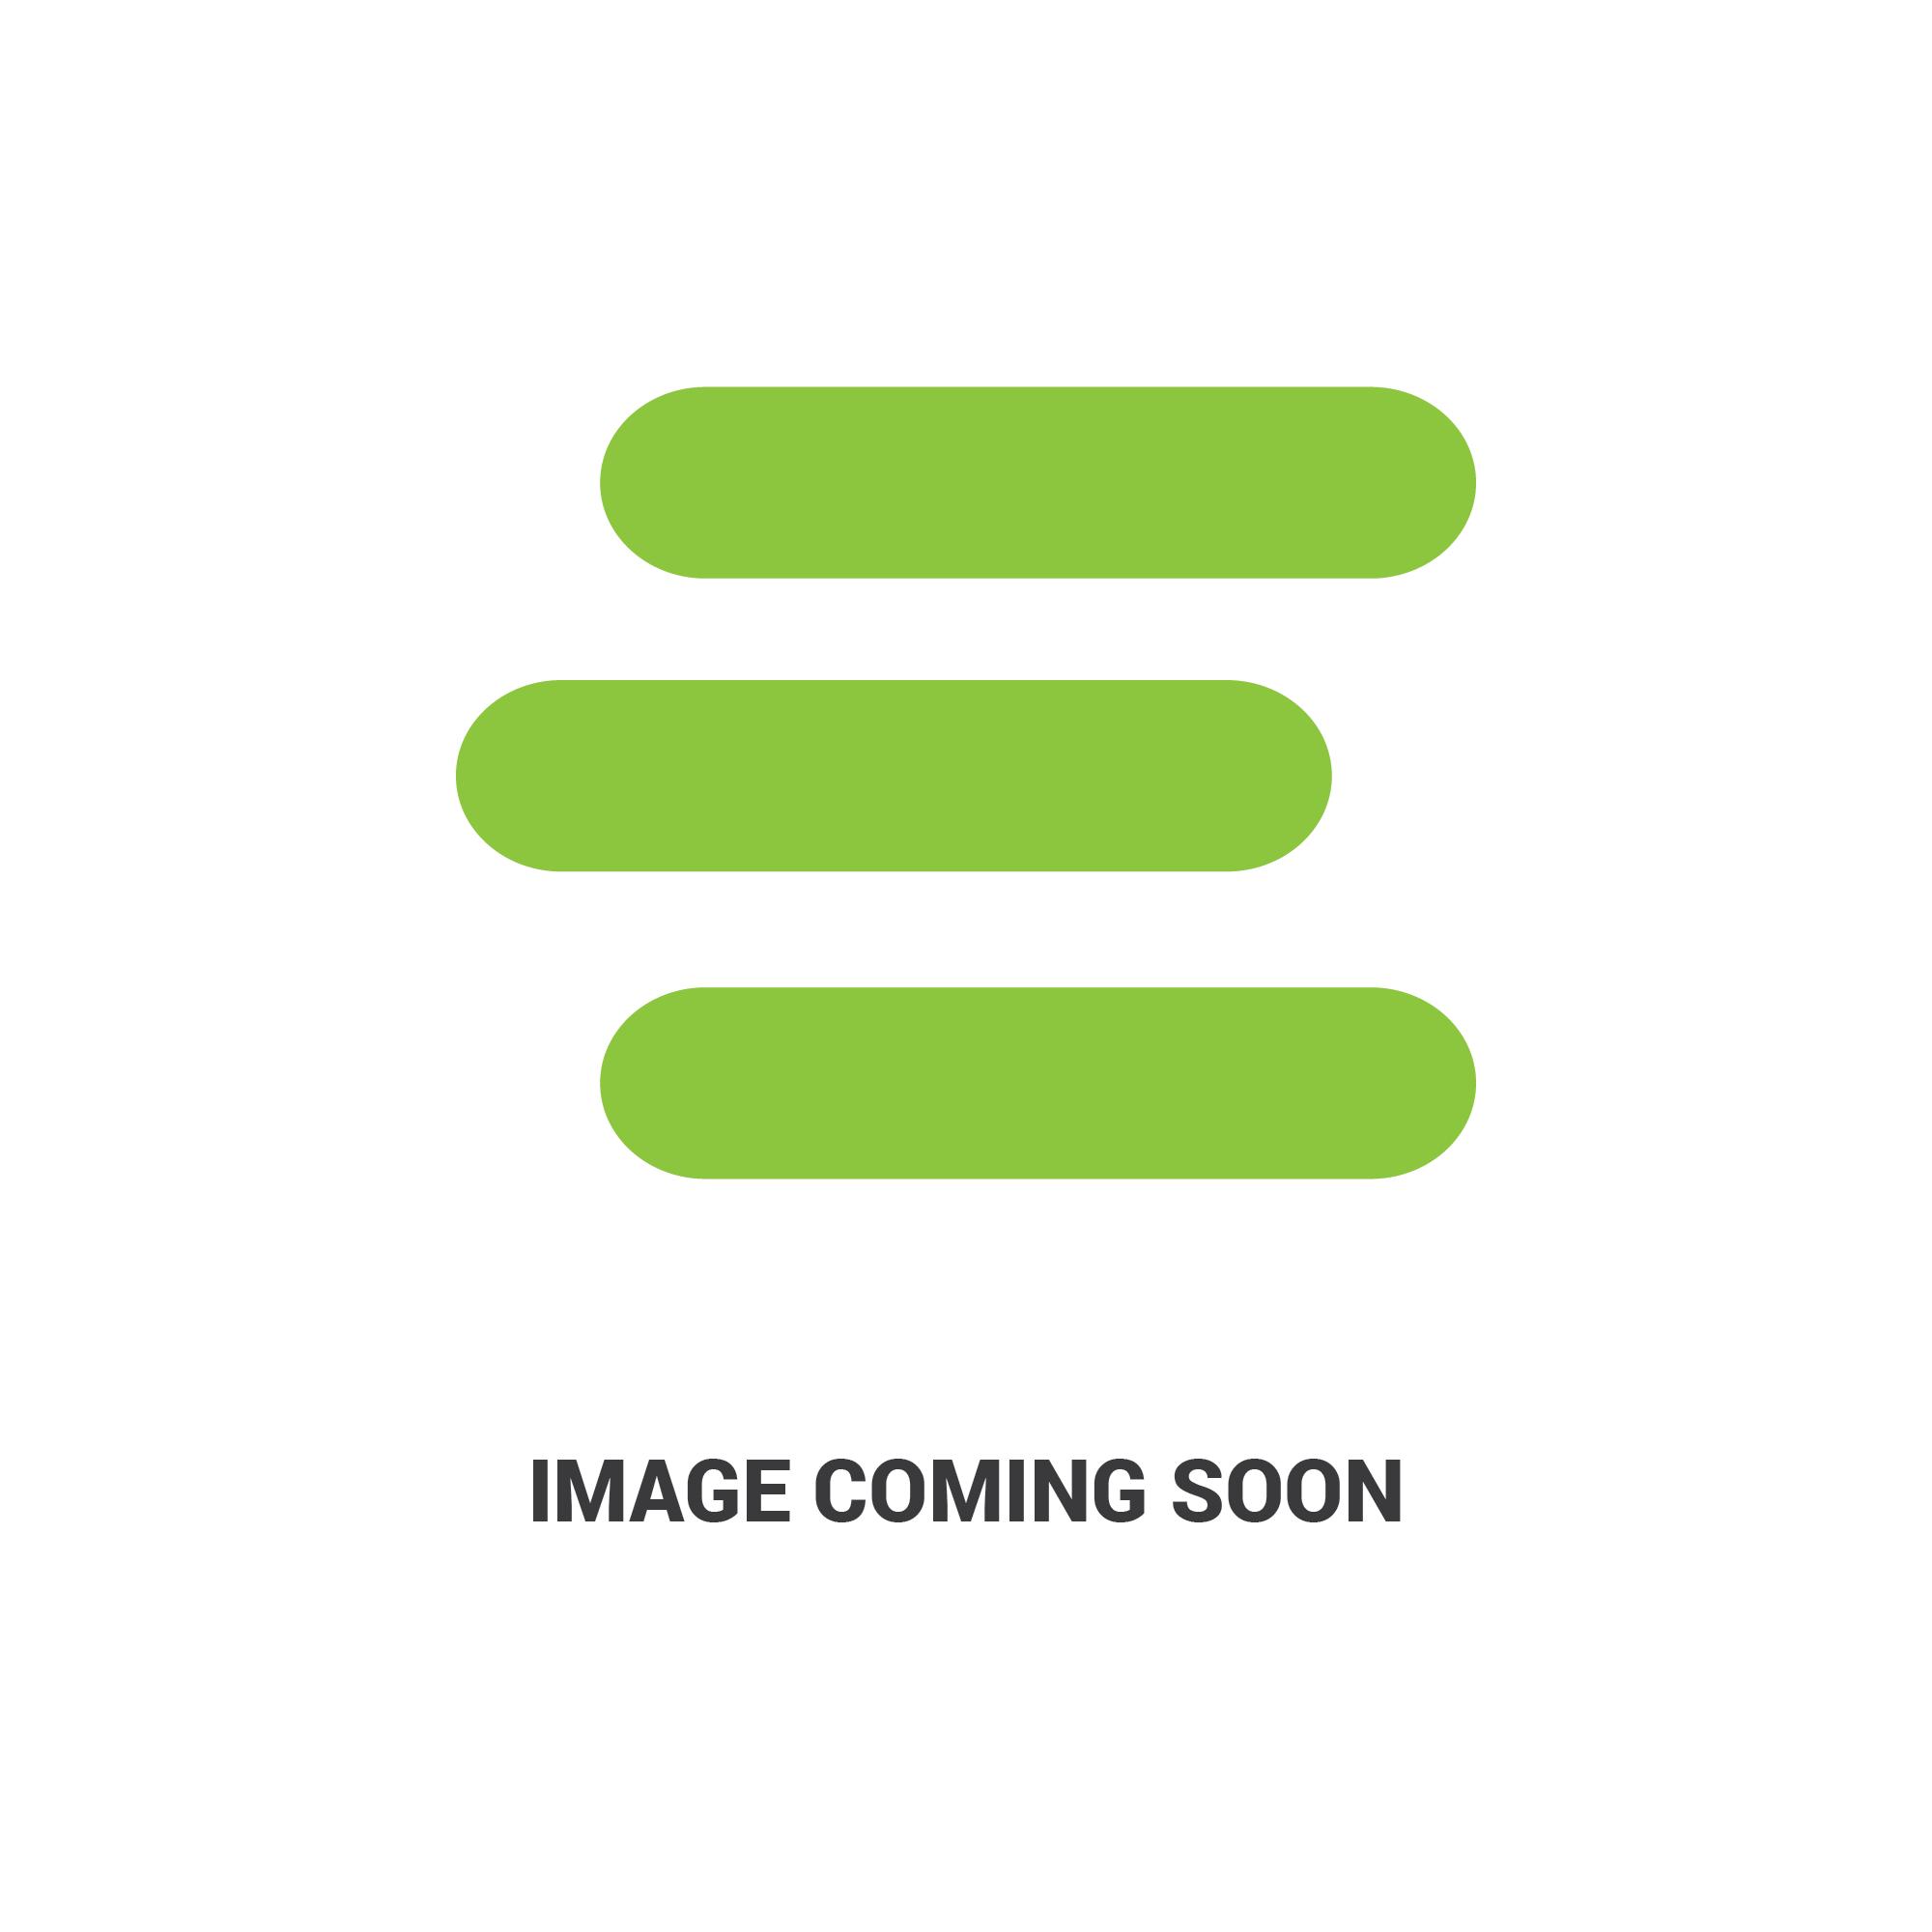 E-T0070-37720edit 1.jpg